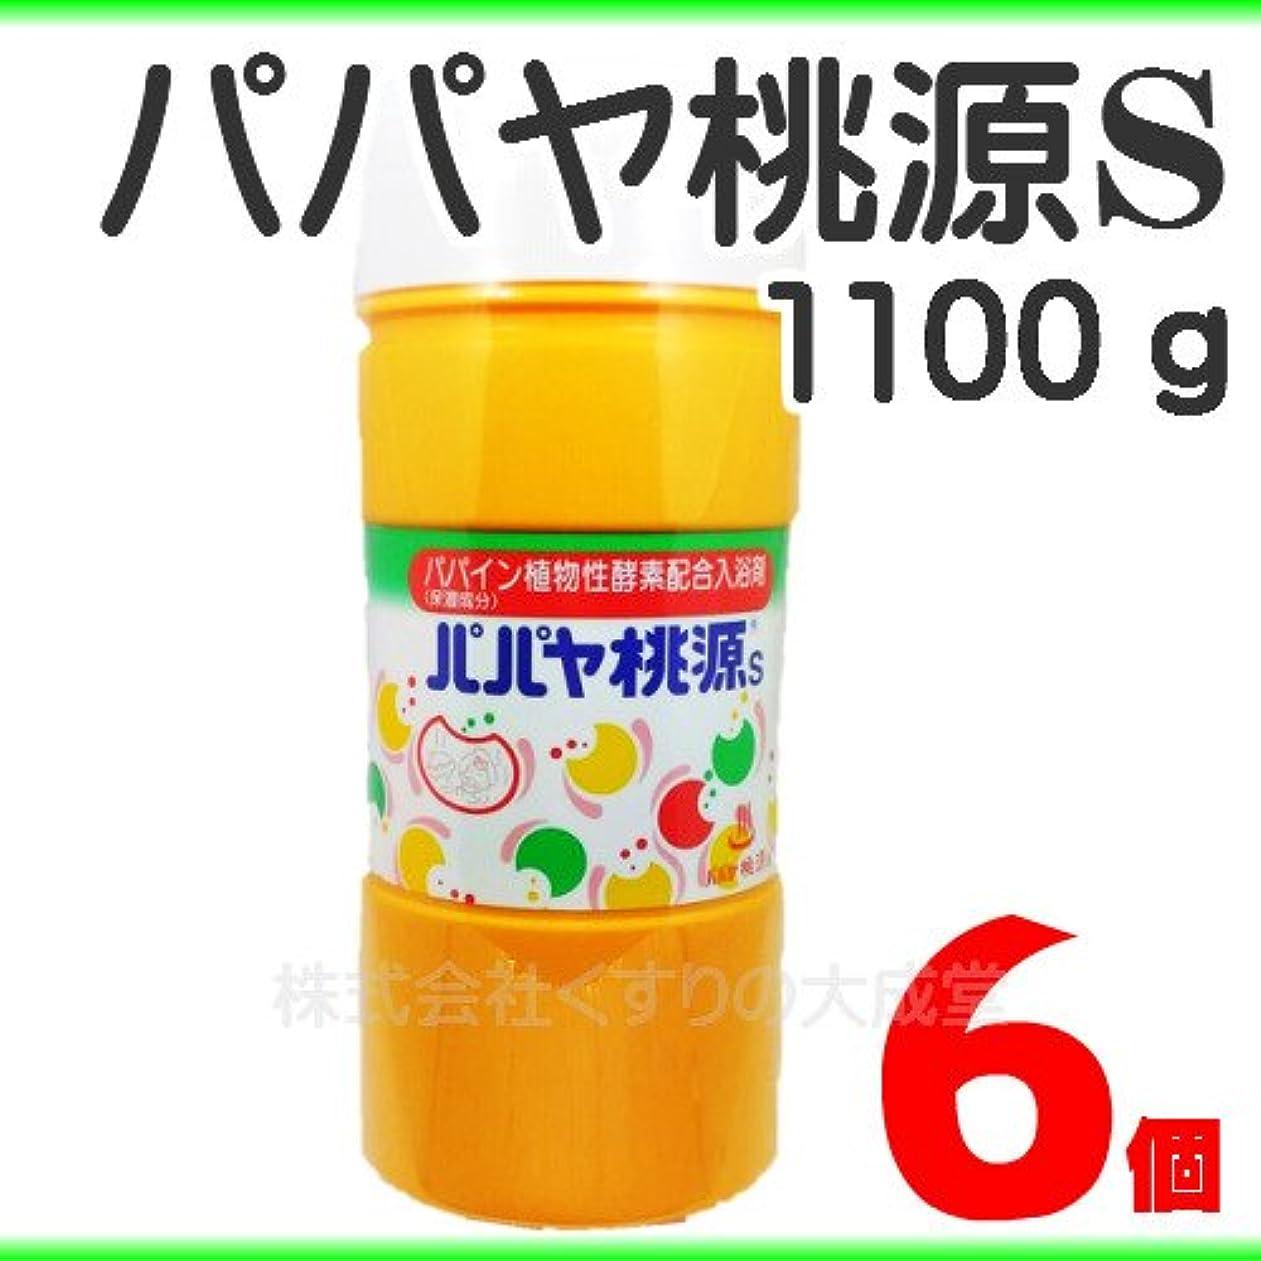 モロニックアレルギー定期的パパヤ桃源S 1100g 6個 医薬部外品